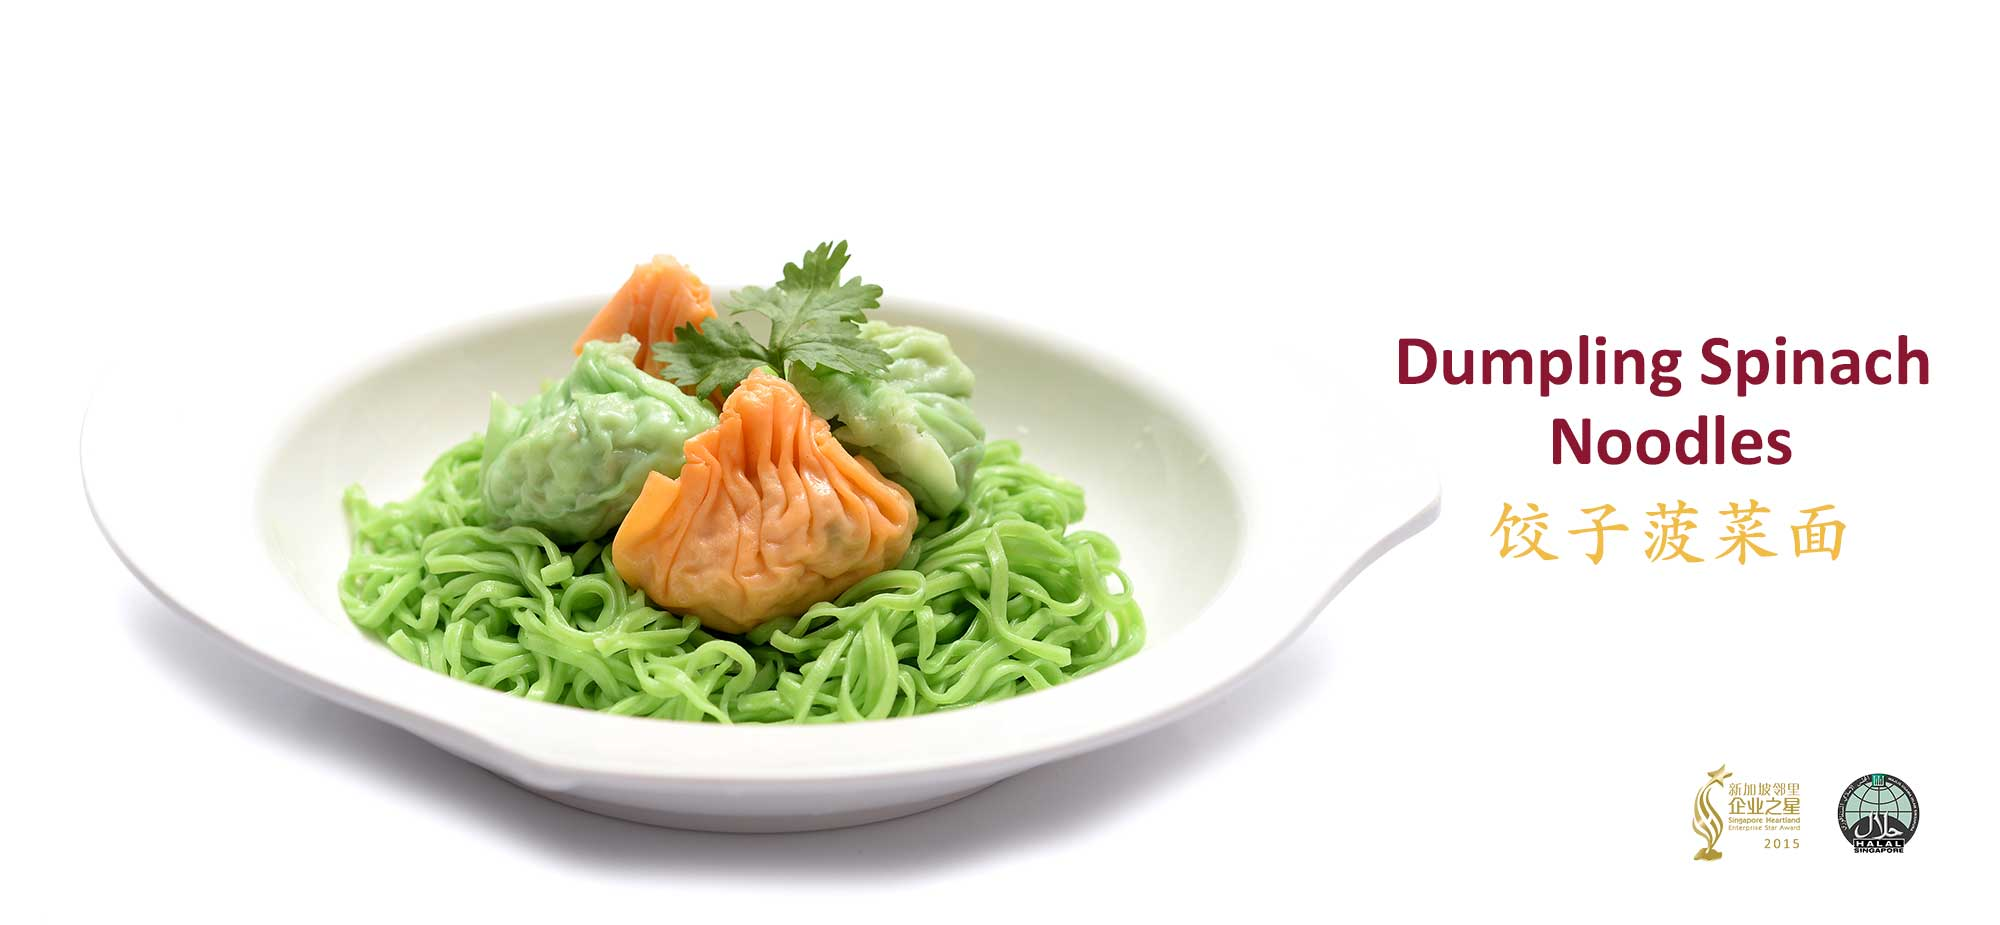 Dumpling Spinach Noodles